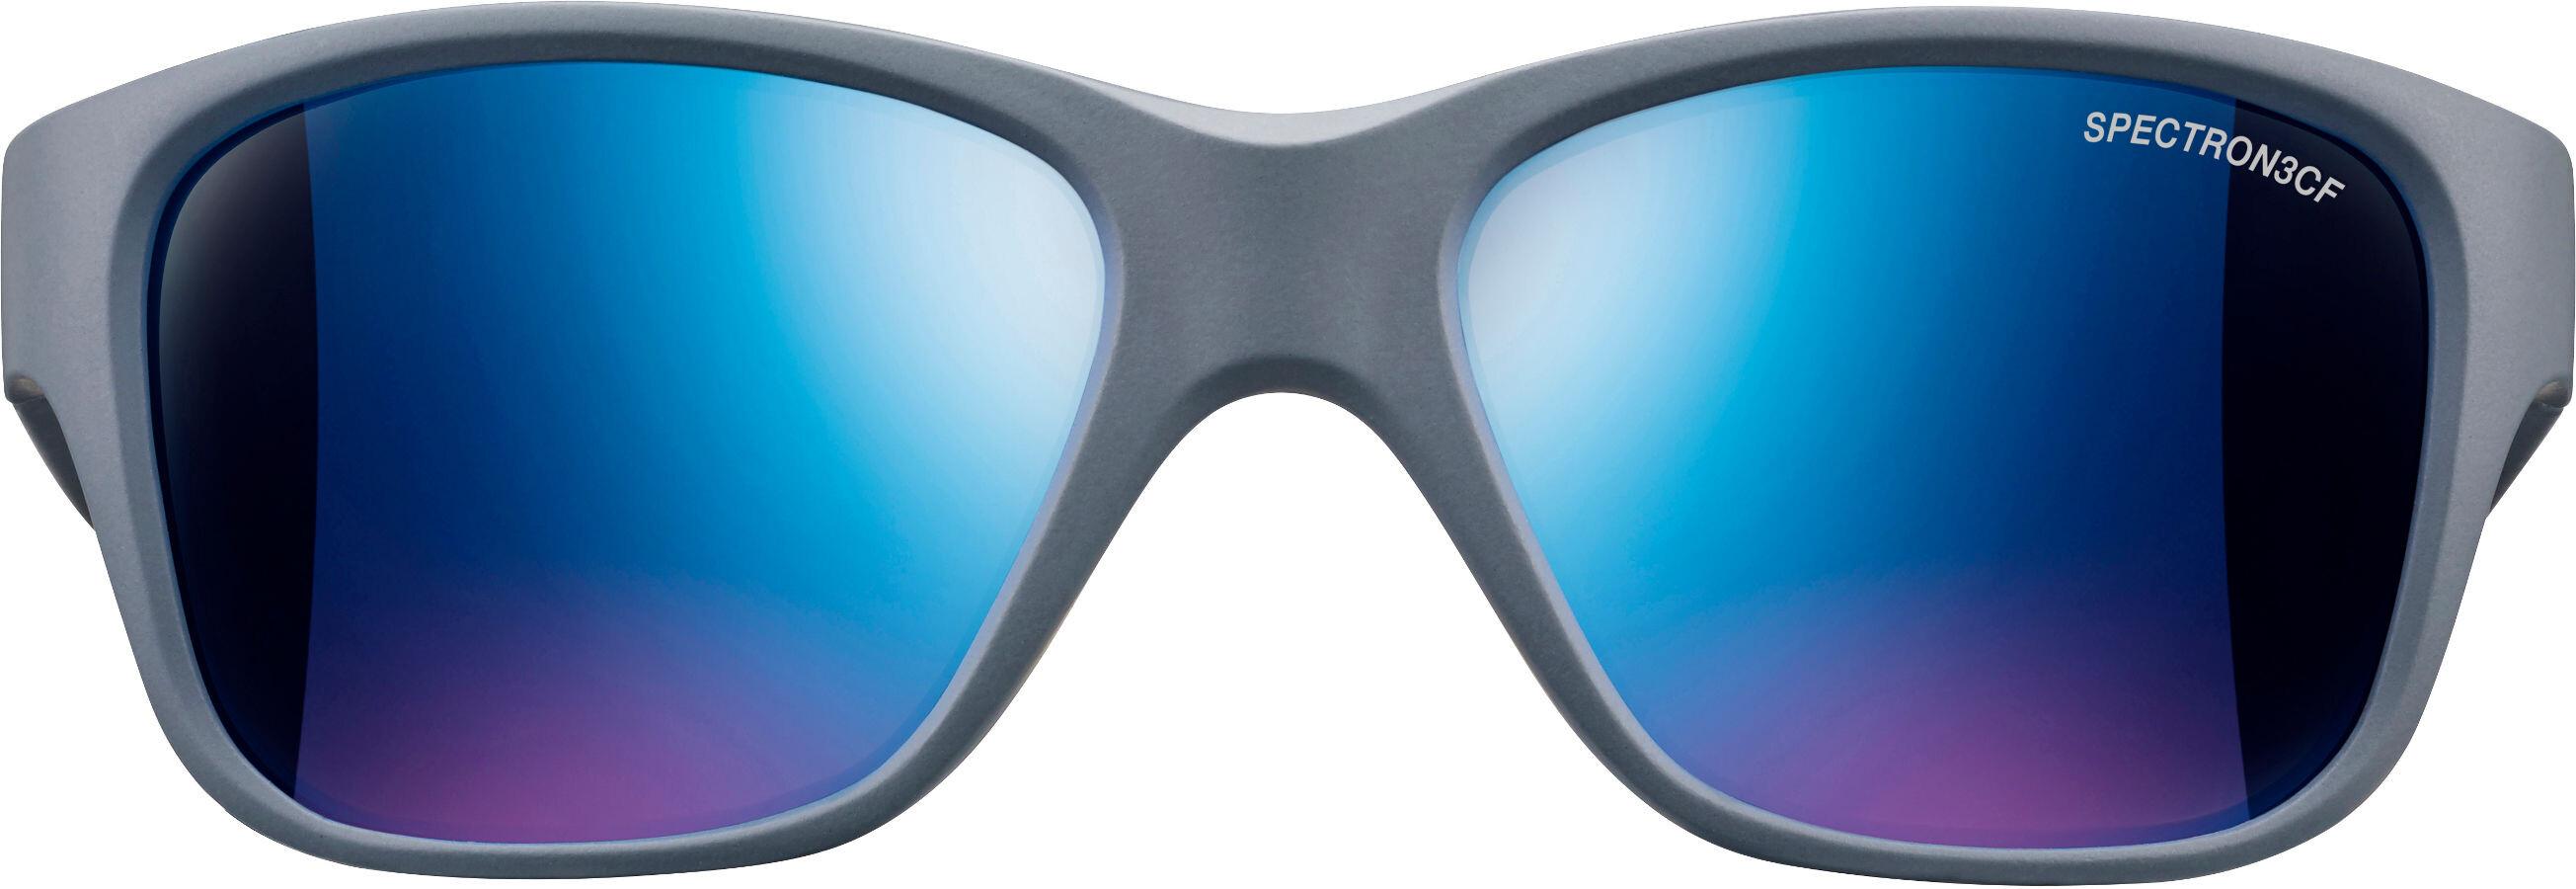 d0fbe27286 Julbo Turn Spectron 3CF - Gafas Niños - 4-8Y gris/azul | Campz.es